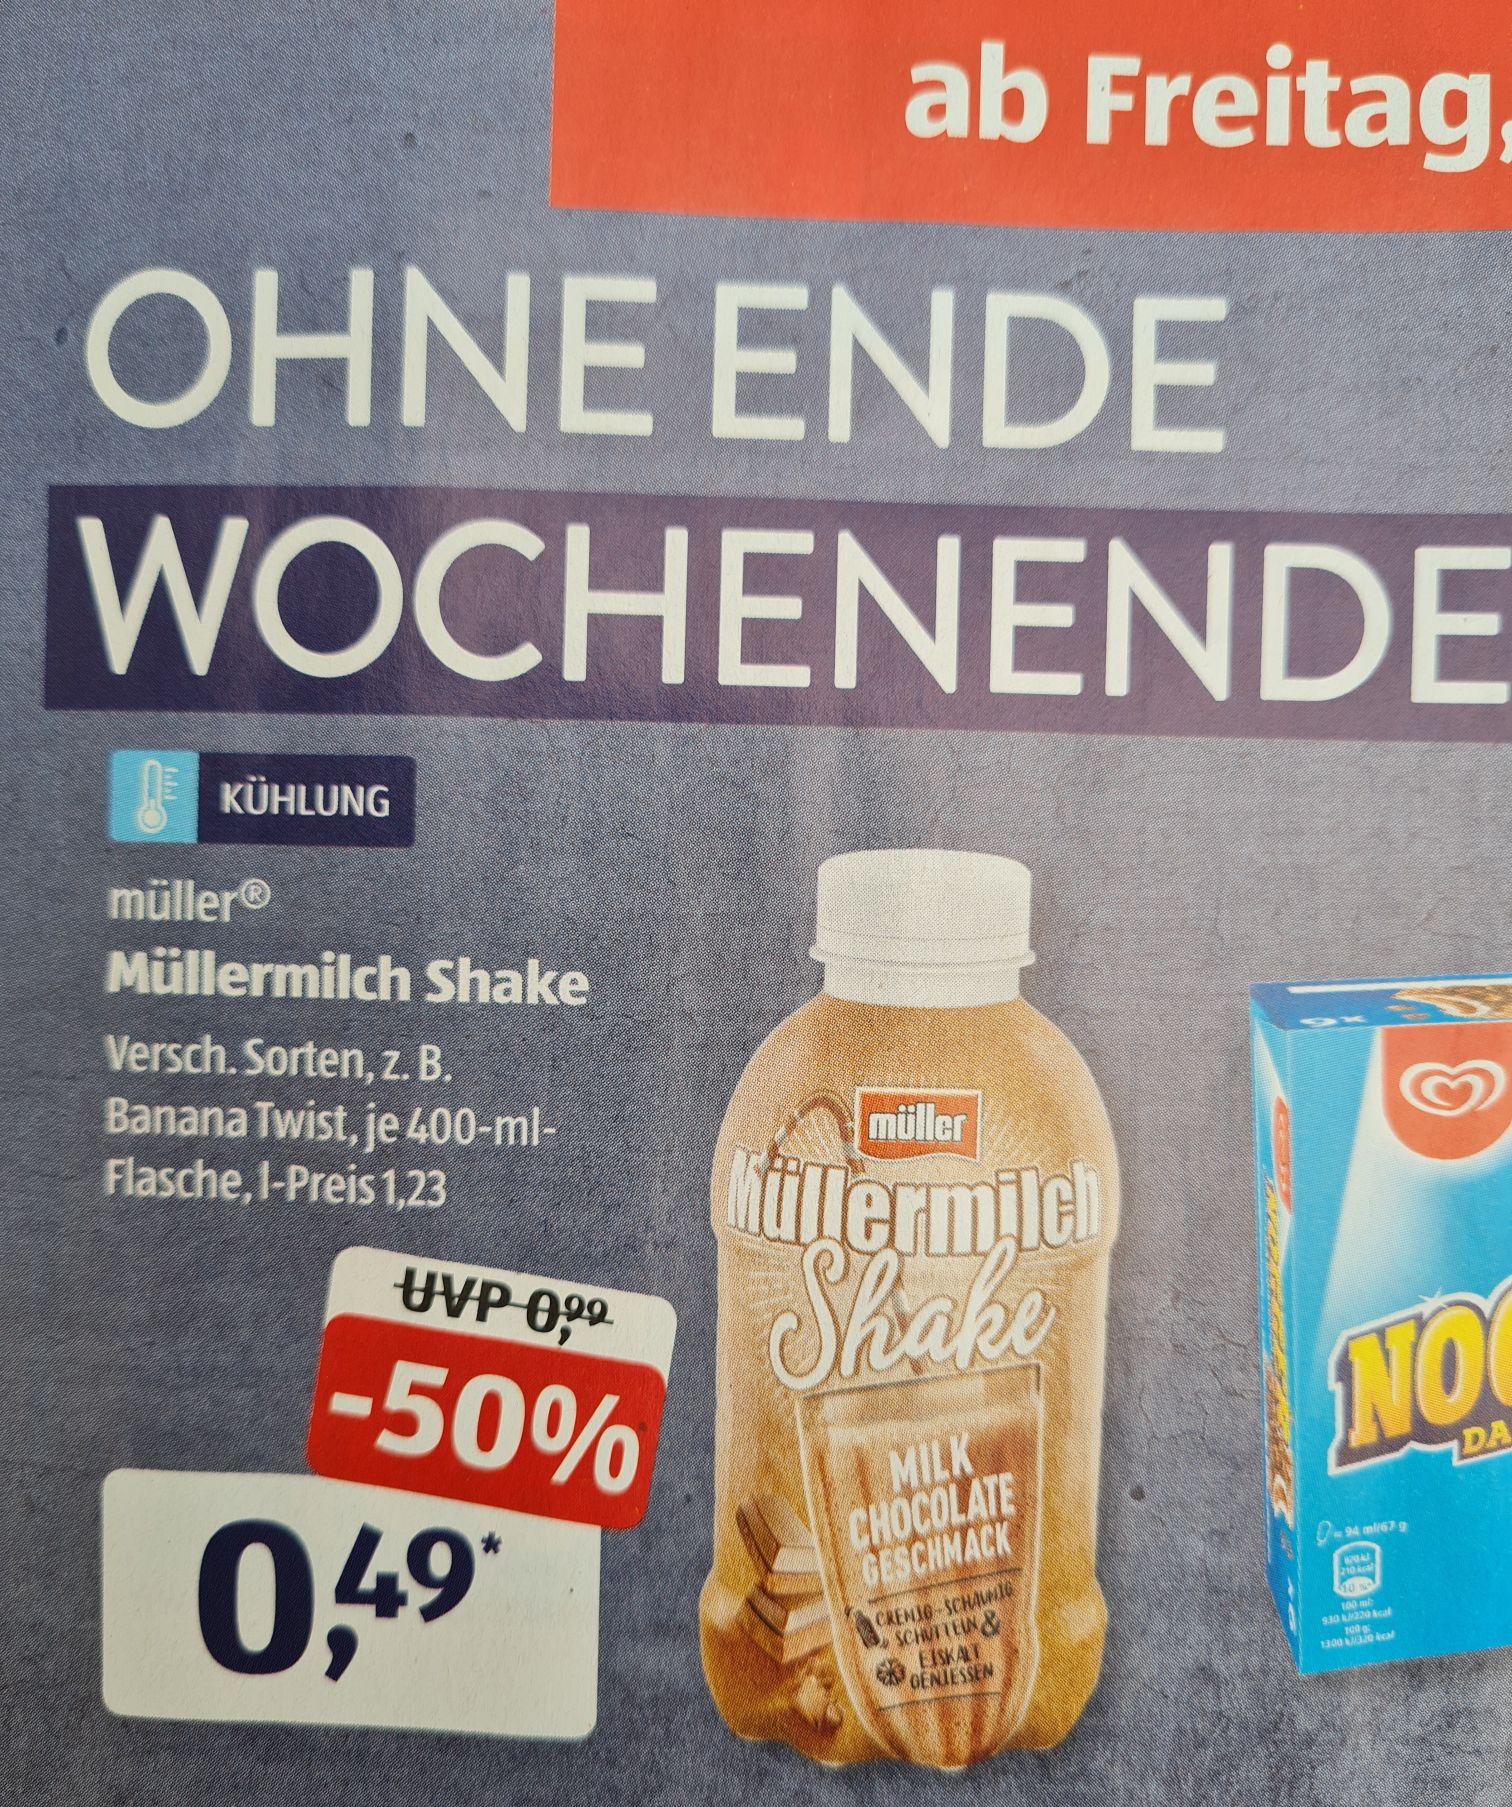 Müllermilch Shake 400 ml versch. Sorten UND Joghurt mit der Ecke bis 150 g versch. Sorten für 0,26€ statt 0,59€ ab 25.06 Aldi Süd